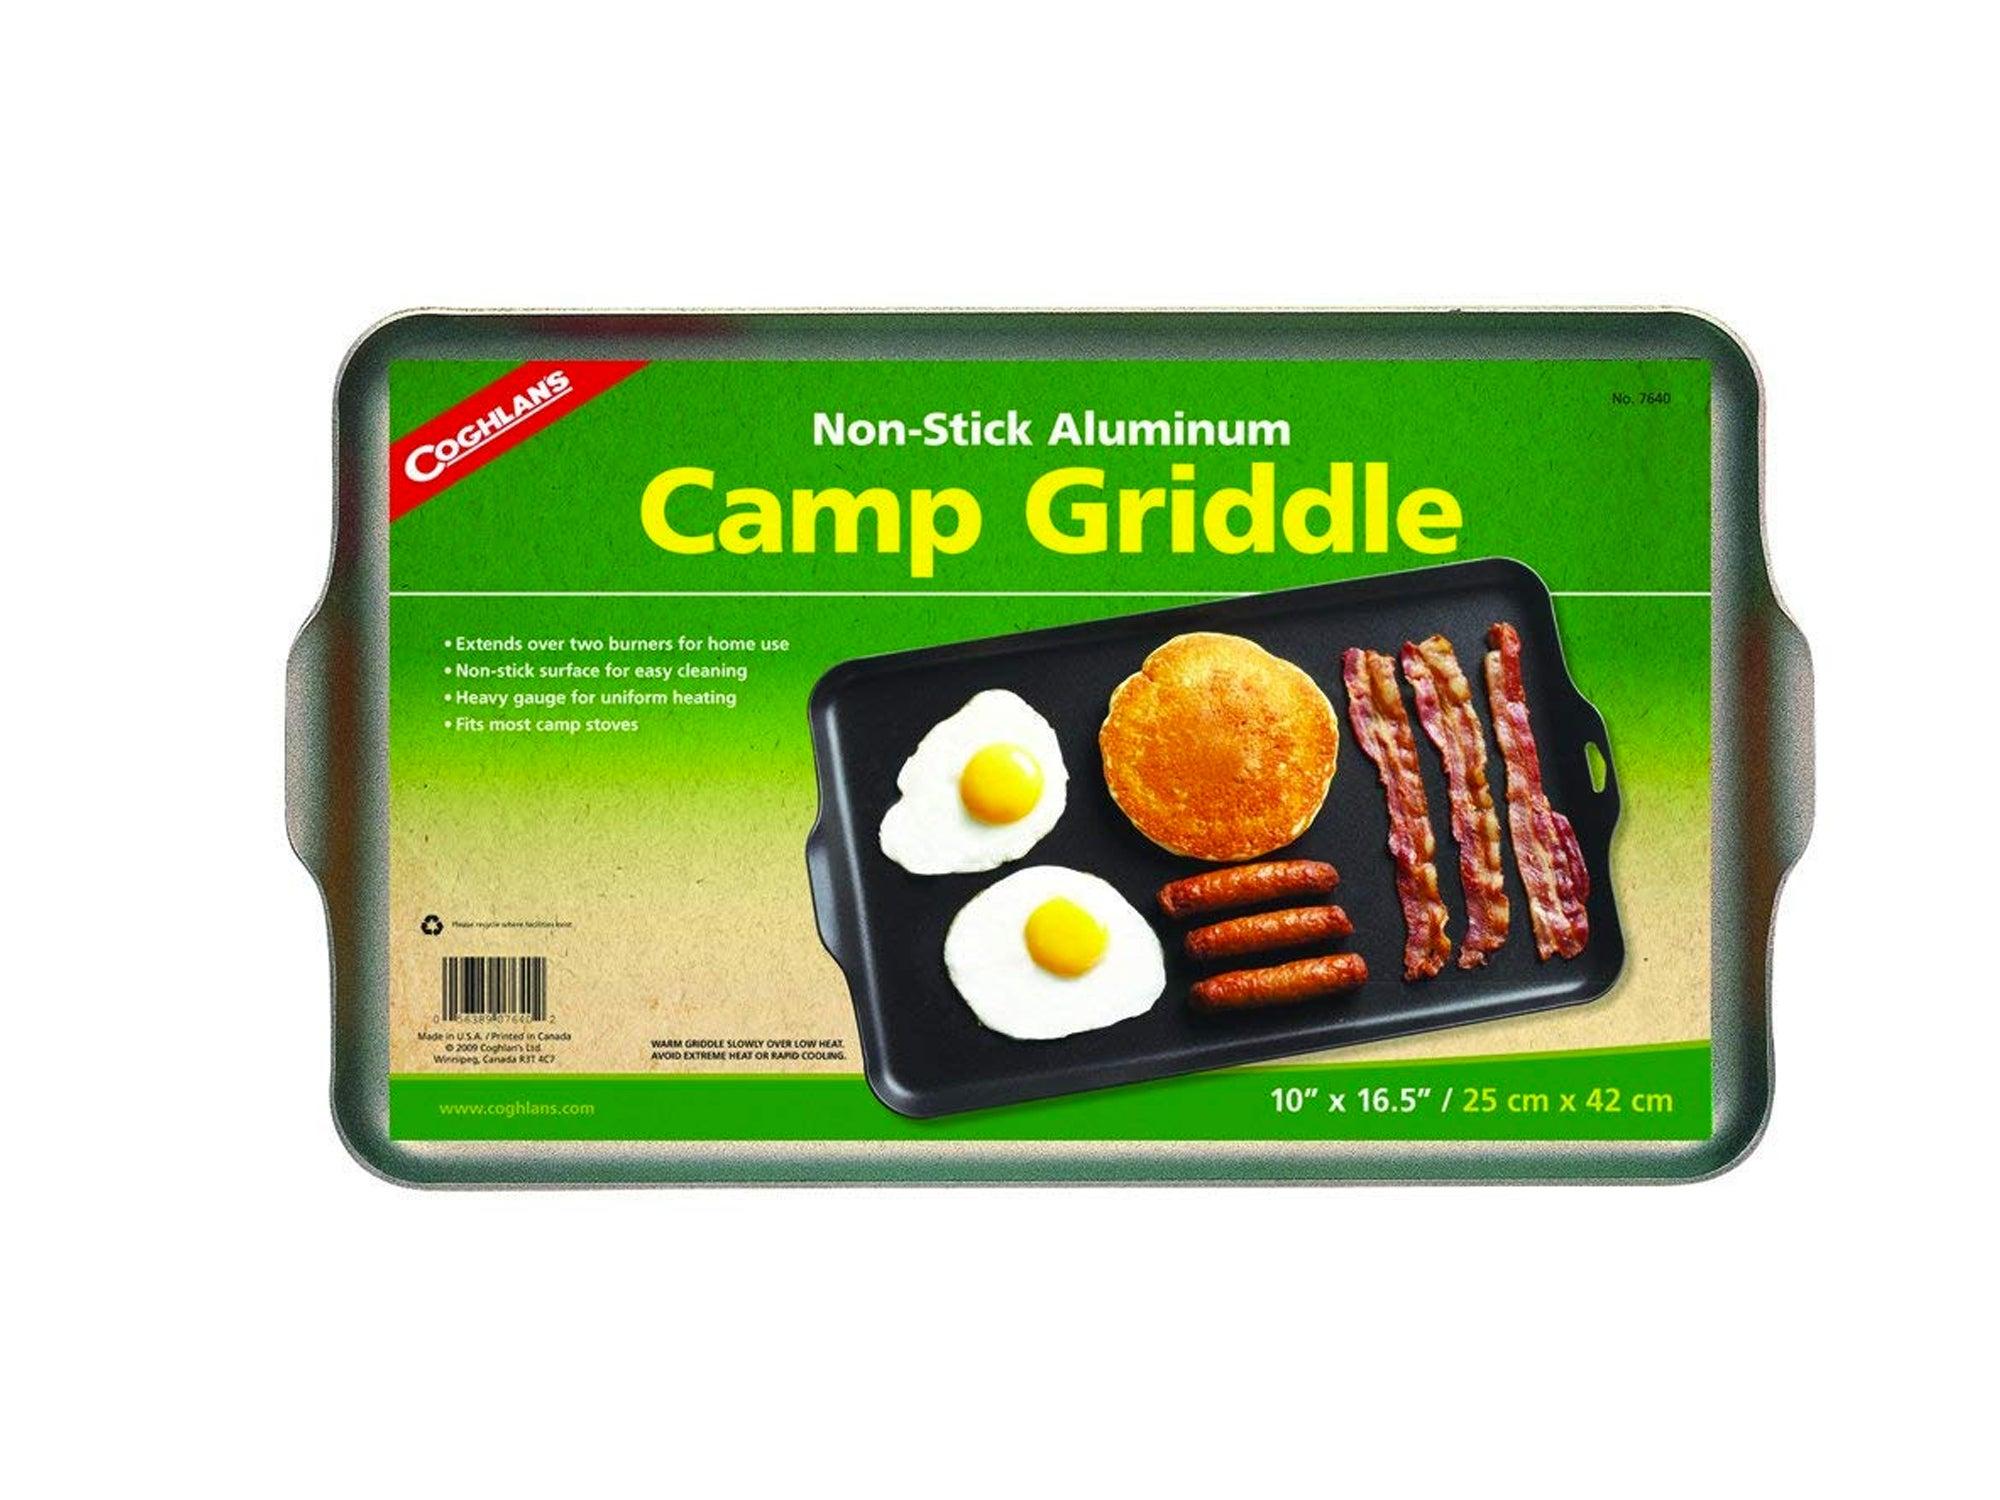 Coghlans camp griddle